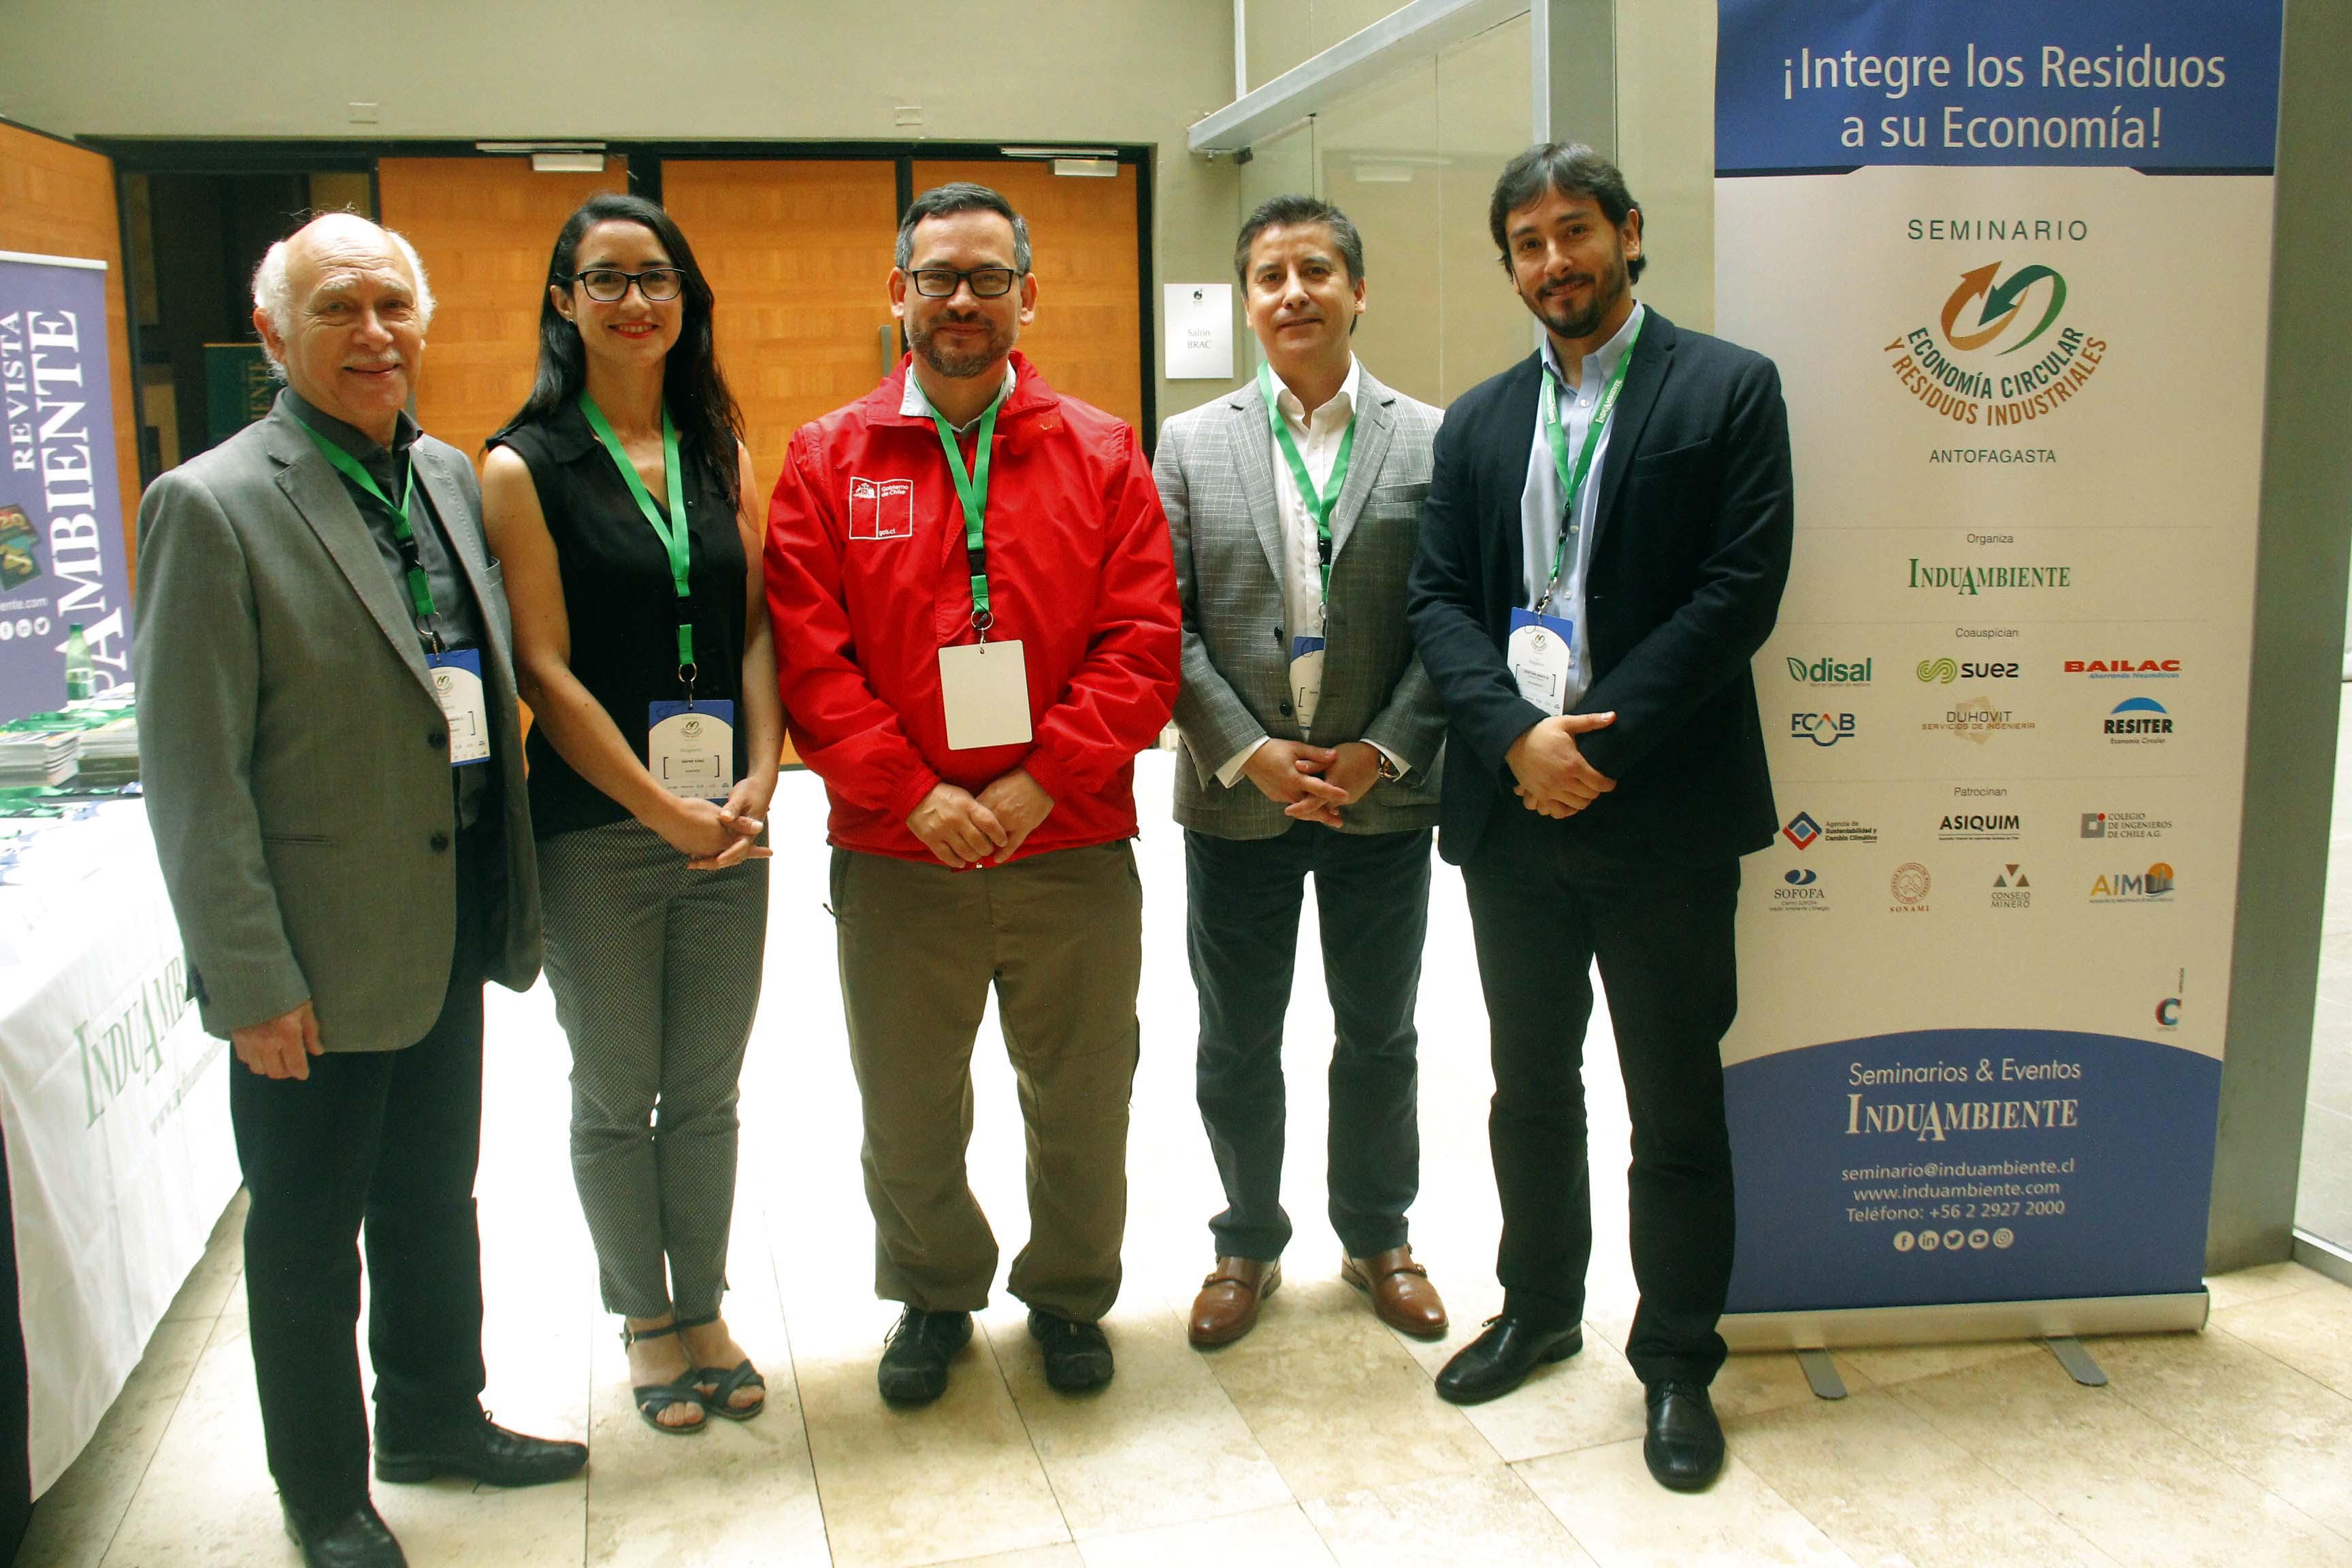 Interesante Seminario sobre Economía Circular y Residuos Industriales en Antofagasta